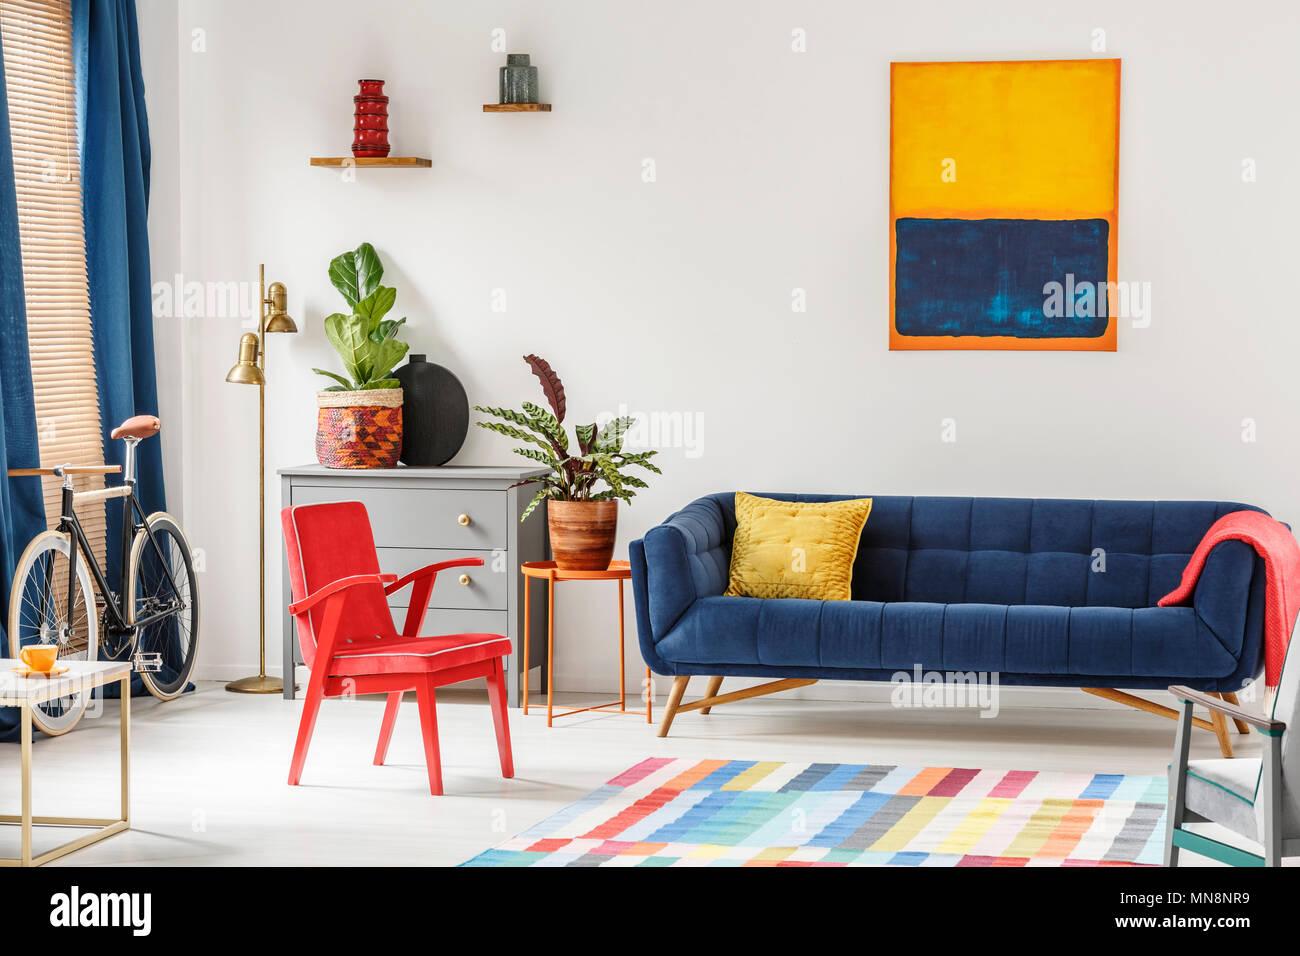 Red Chair Und Royal Blue Lounge Im Hellen Wohnzimmer Einrichtung Mit Bunten  Teppich, Moderne Kunst Malerei, Frische Pflanzen Und Gold Lampe Neben G